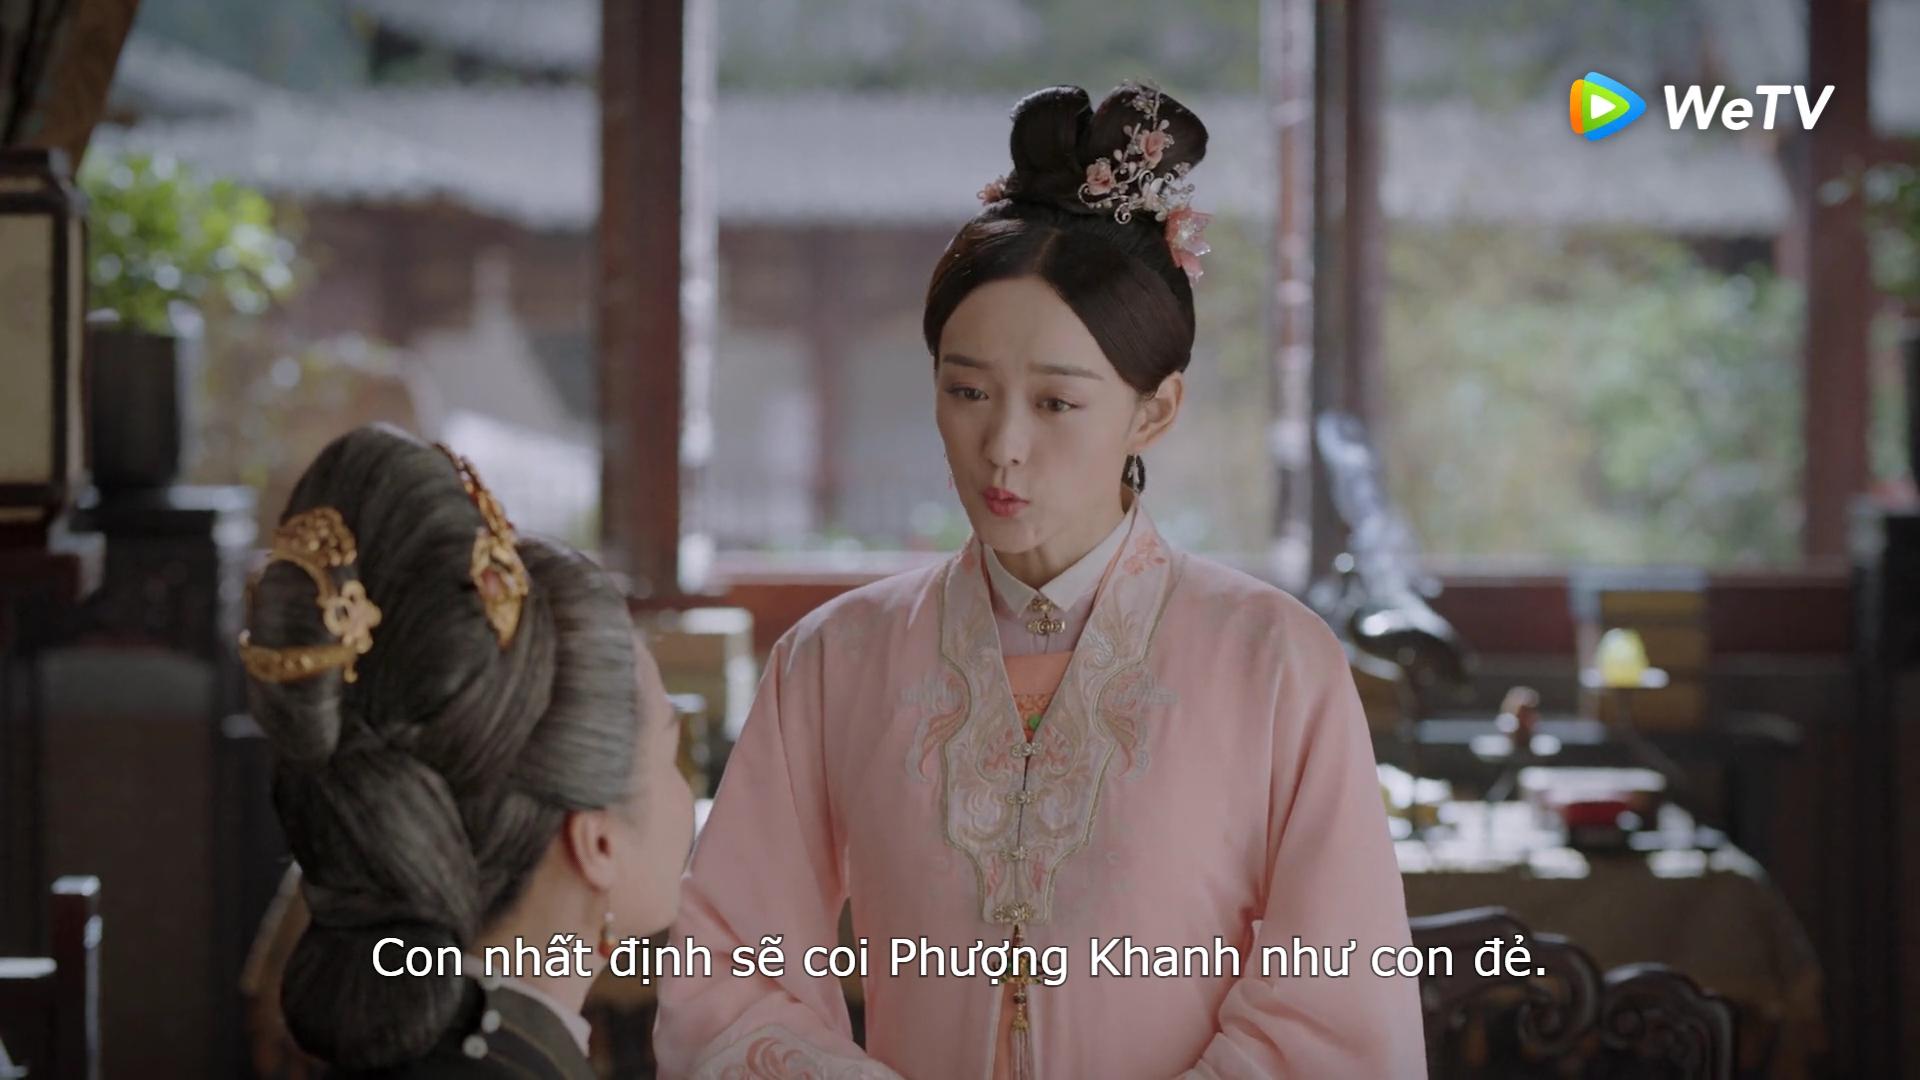 Chung Hán Lương công khai dẫn con riêng tin đồn về nhà, bị trà xanh hại suýt thiệt mạng ở Cẩm Tâm Tựa Ngọc - Ảnh 3.